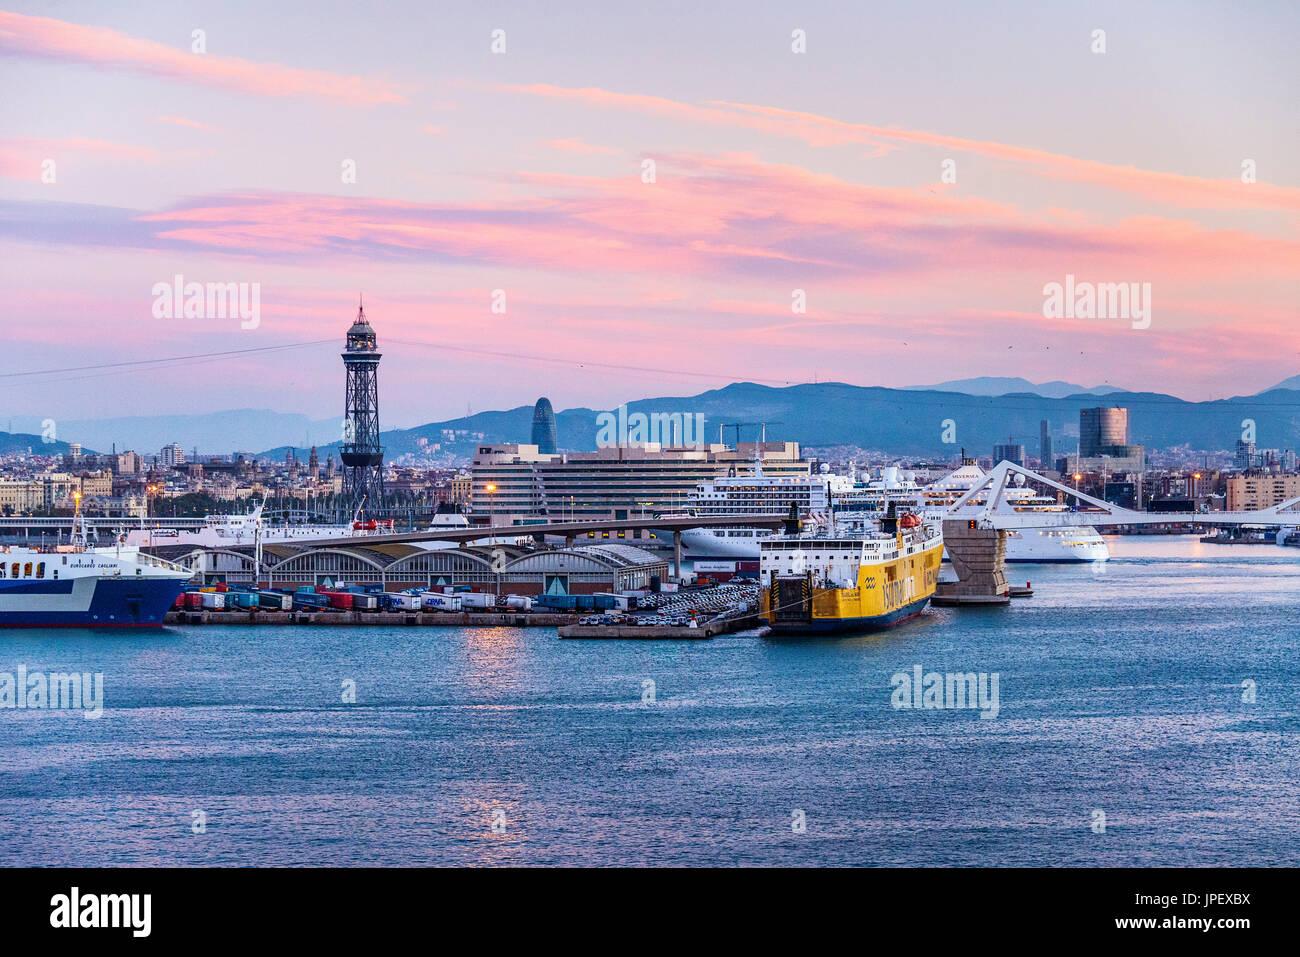 Puerto y del centro de la ciudad de Barcelona, España. Imagen De Stock